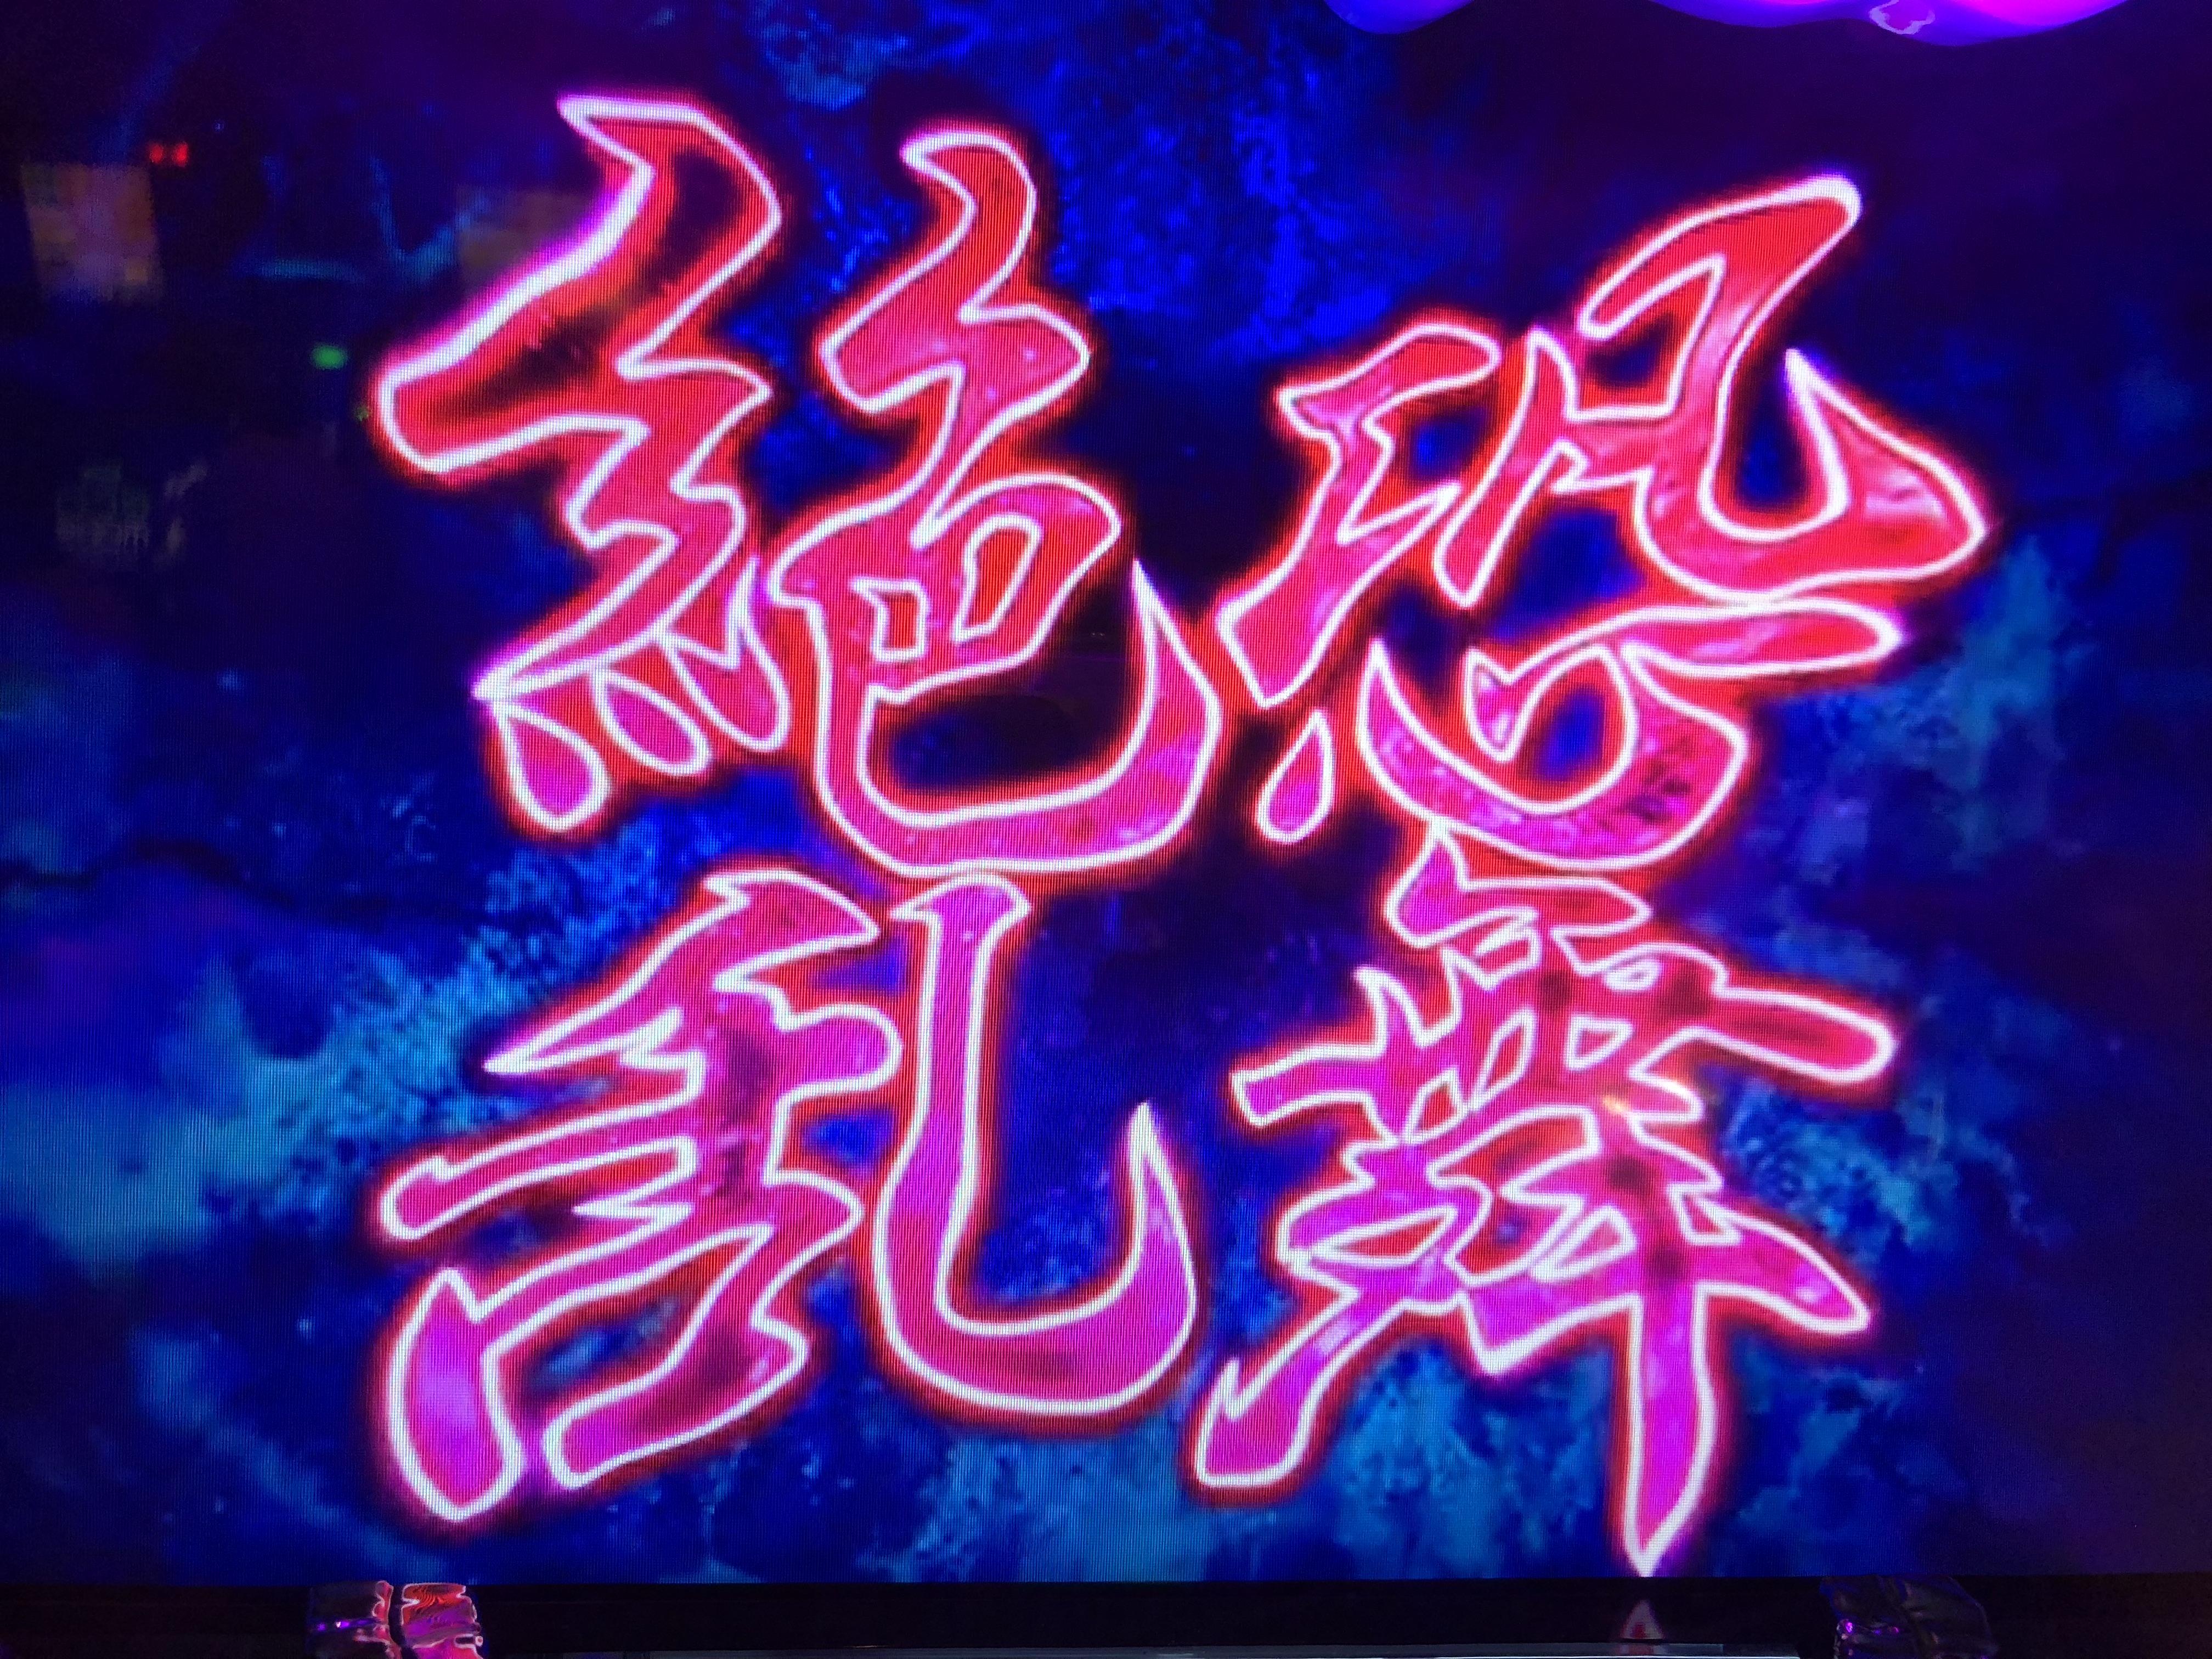 パチスロ リング呪いの7日間~フリーズからの絶恐乱舞で狂喜乱舞!?~